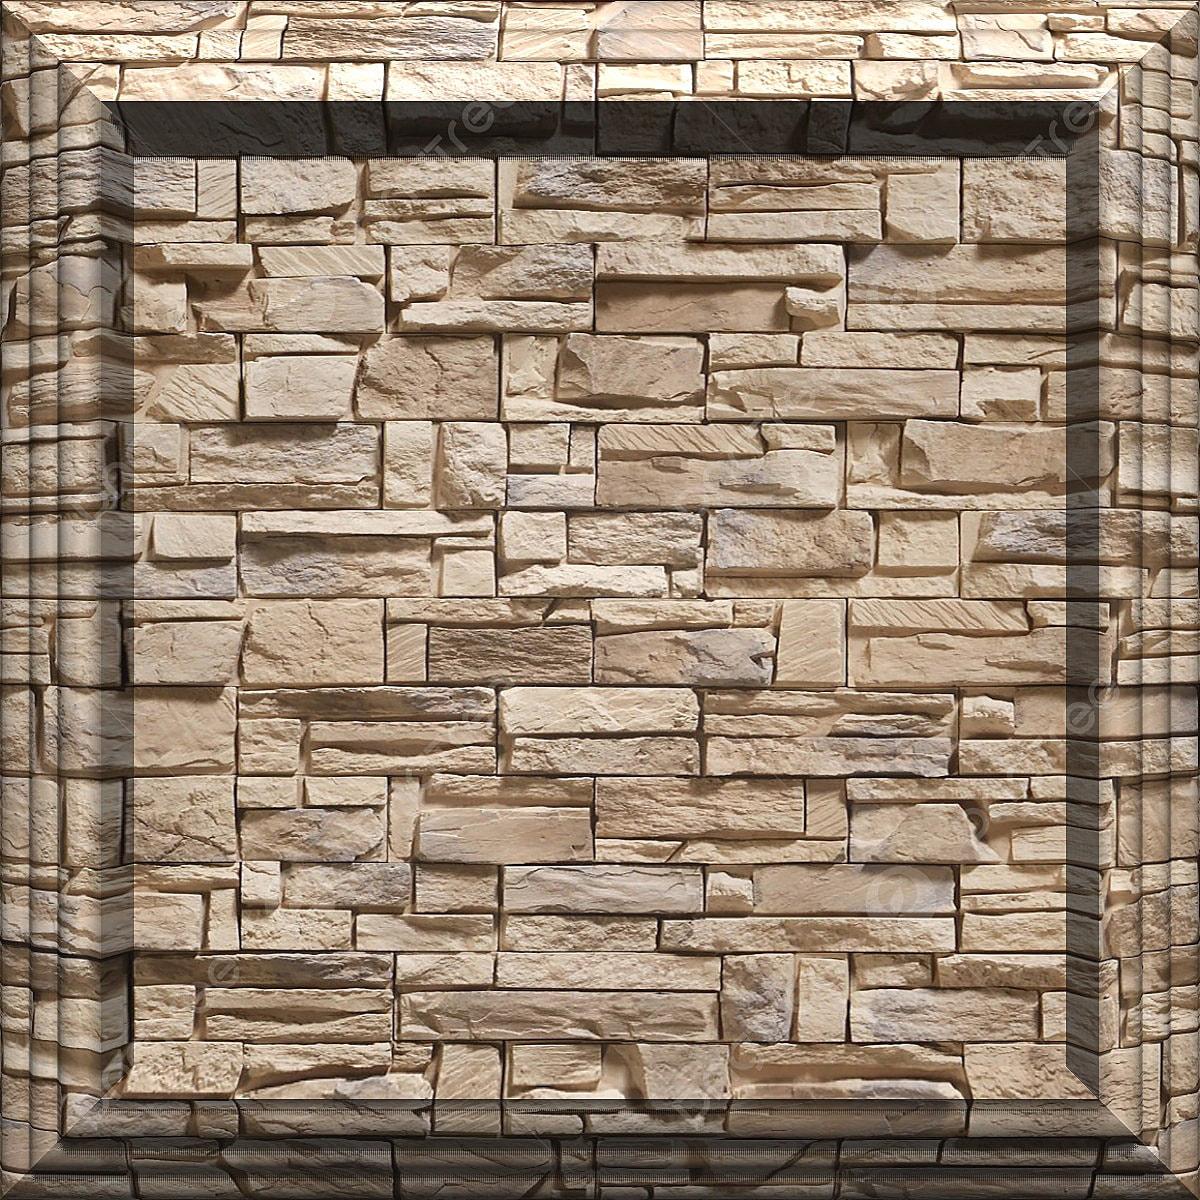 無料の高解像度グラフィックデザイン石壁材料レンガの床 大理石